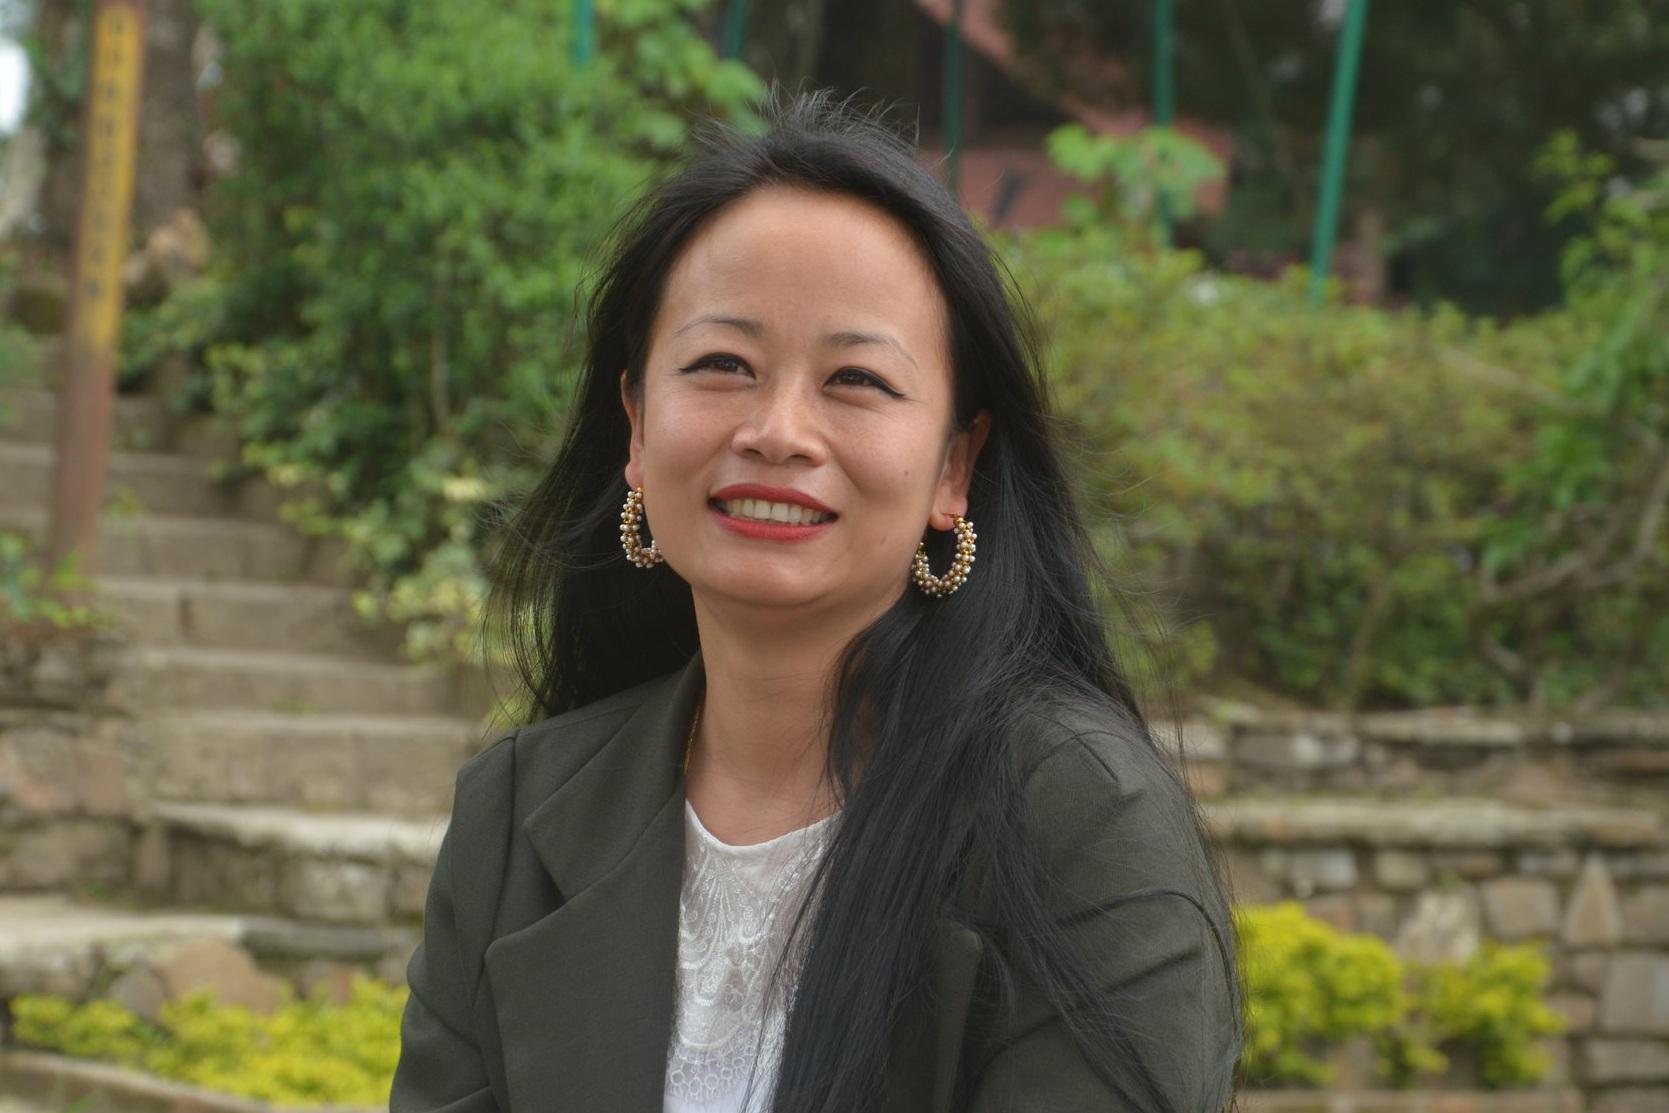 Moarenla Imsong